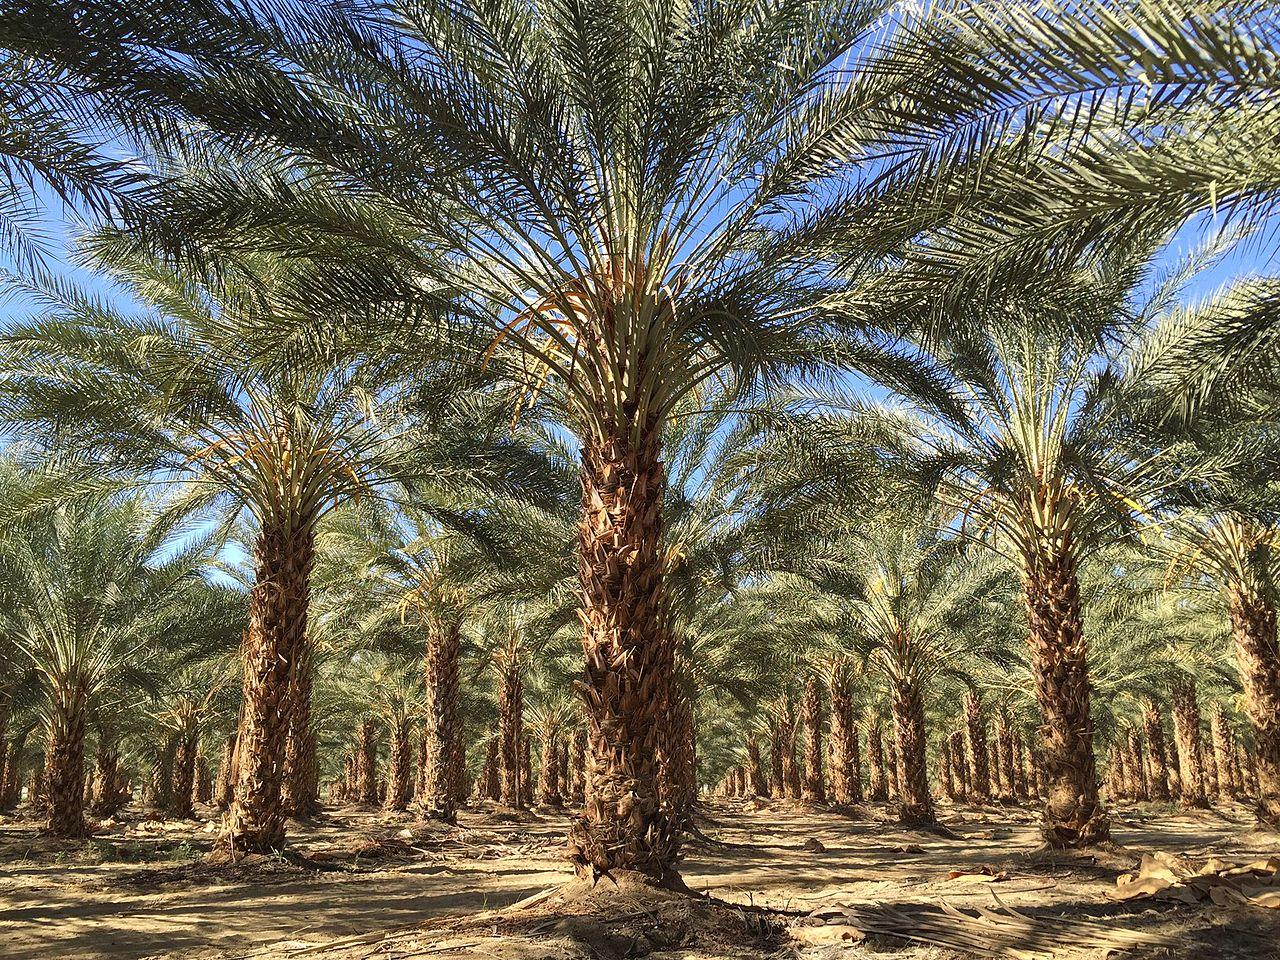 Vista de palmeras datileras